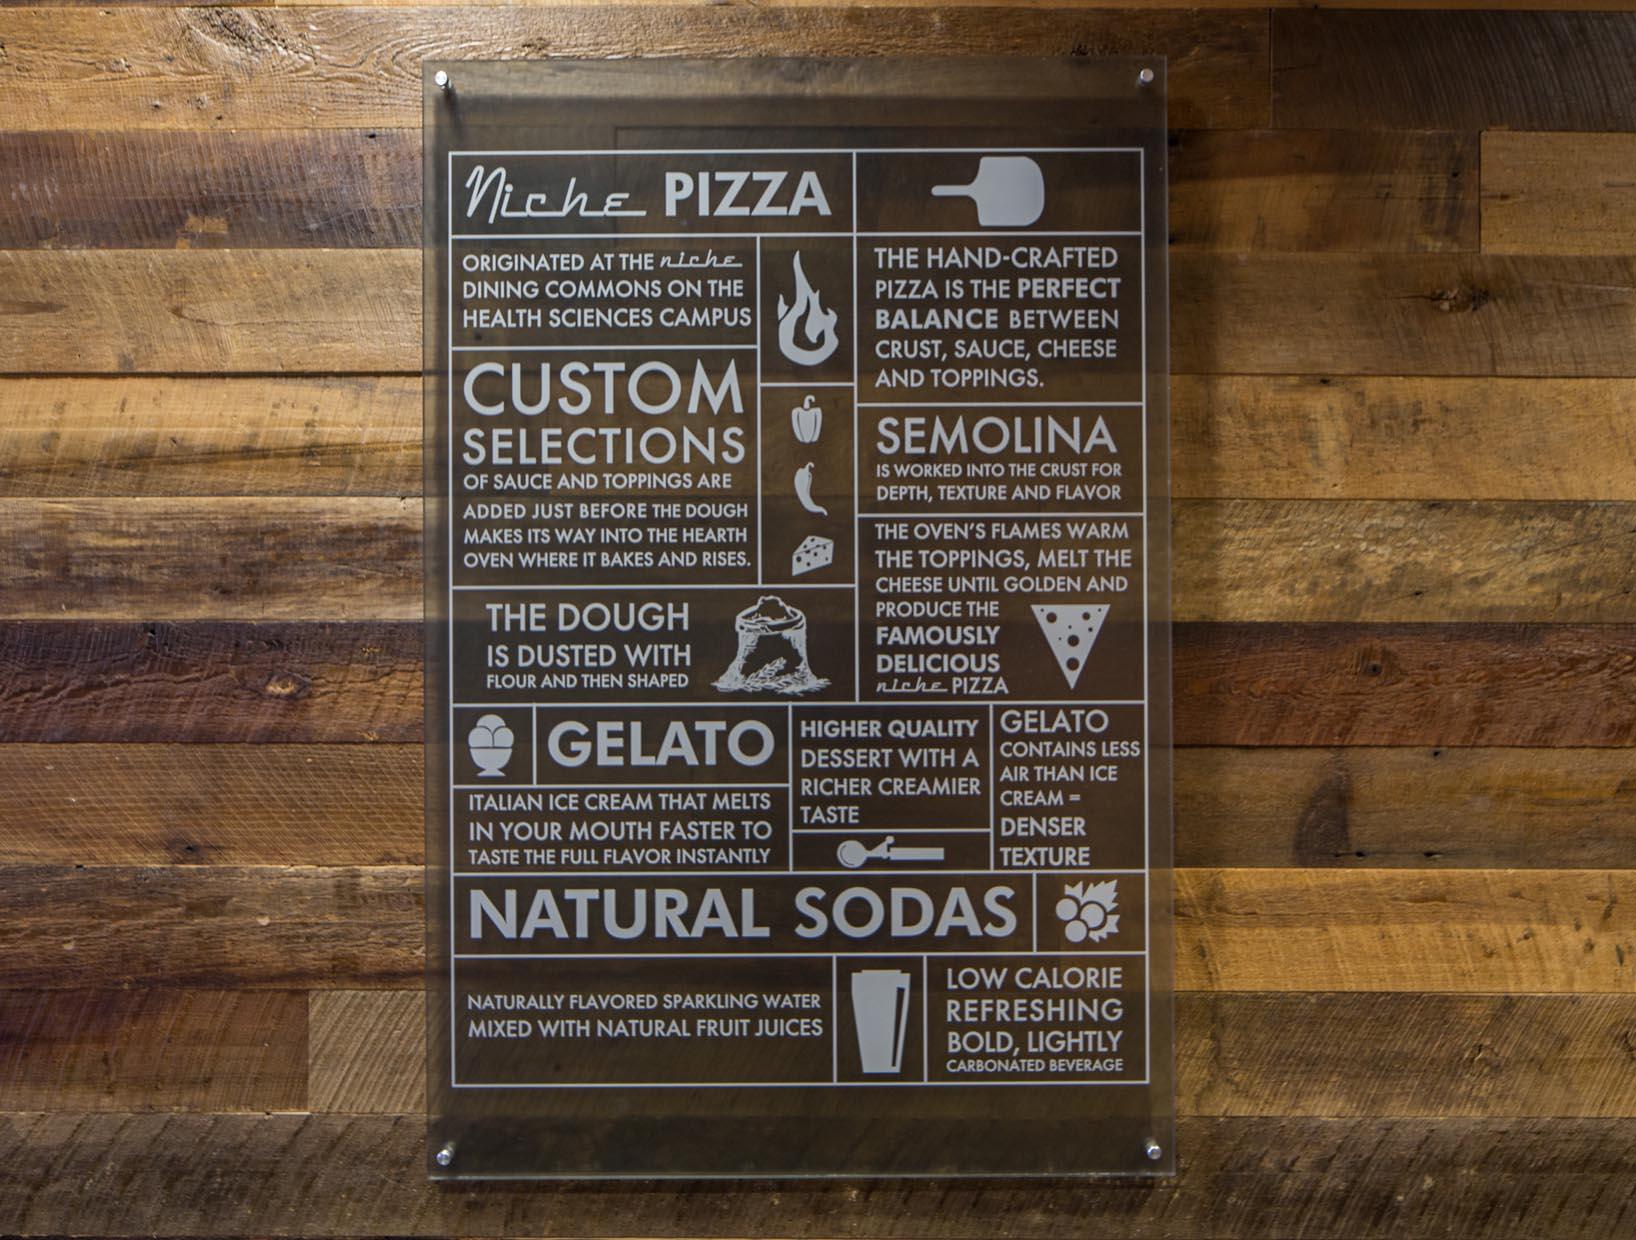 TheNichePizza_009.jpg